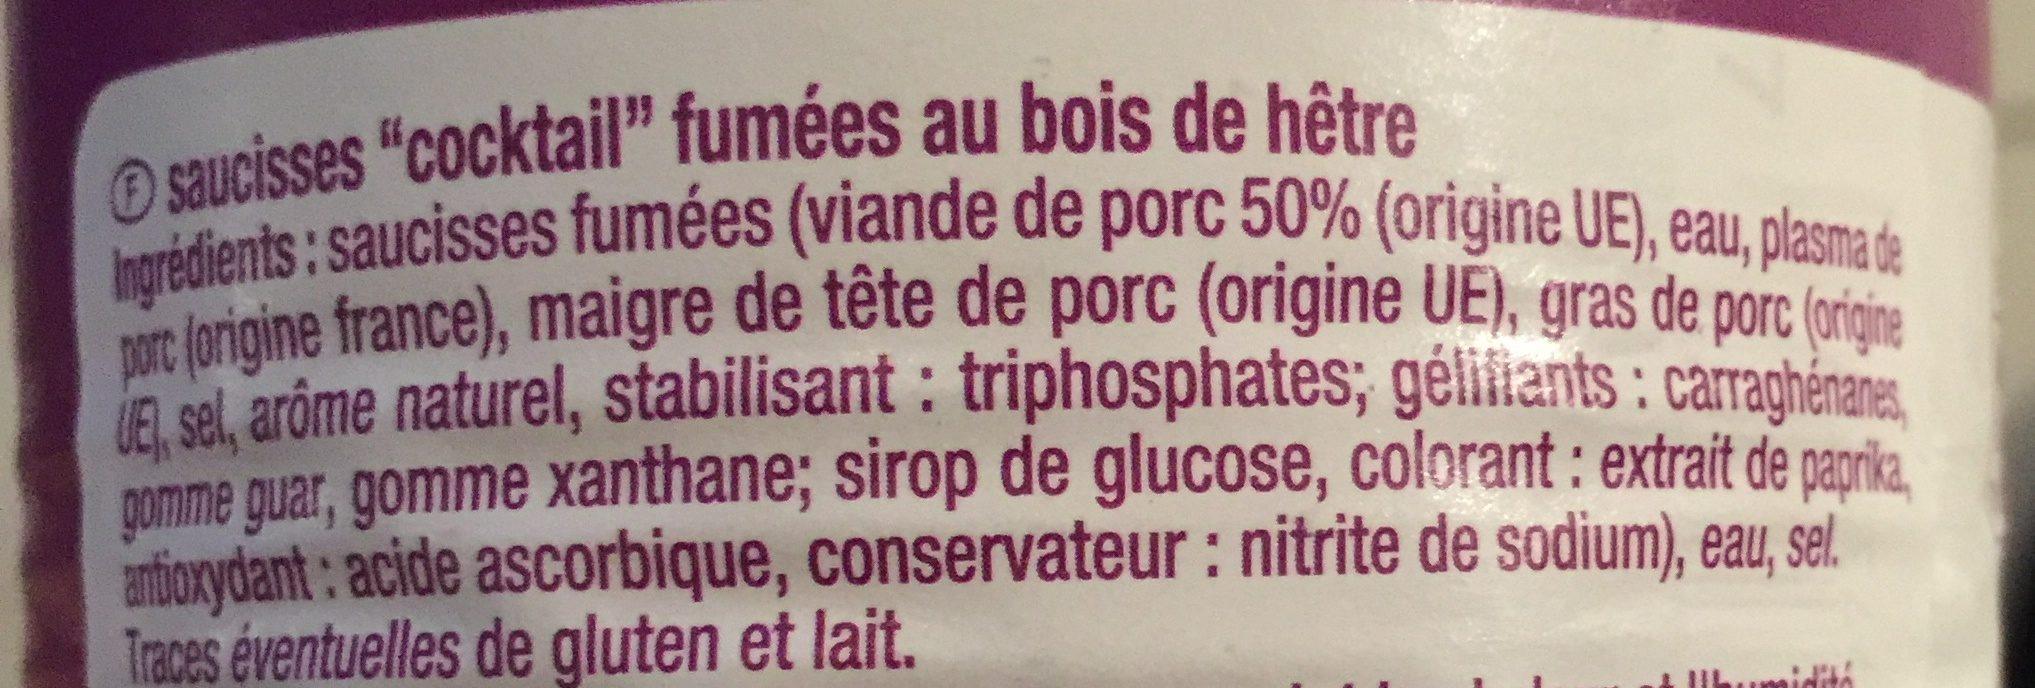 Saucisses cocktail gout nature - Ingredients